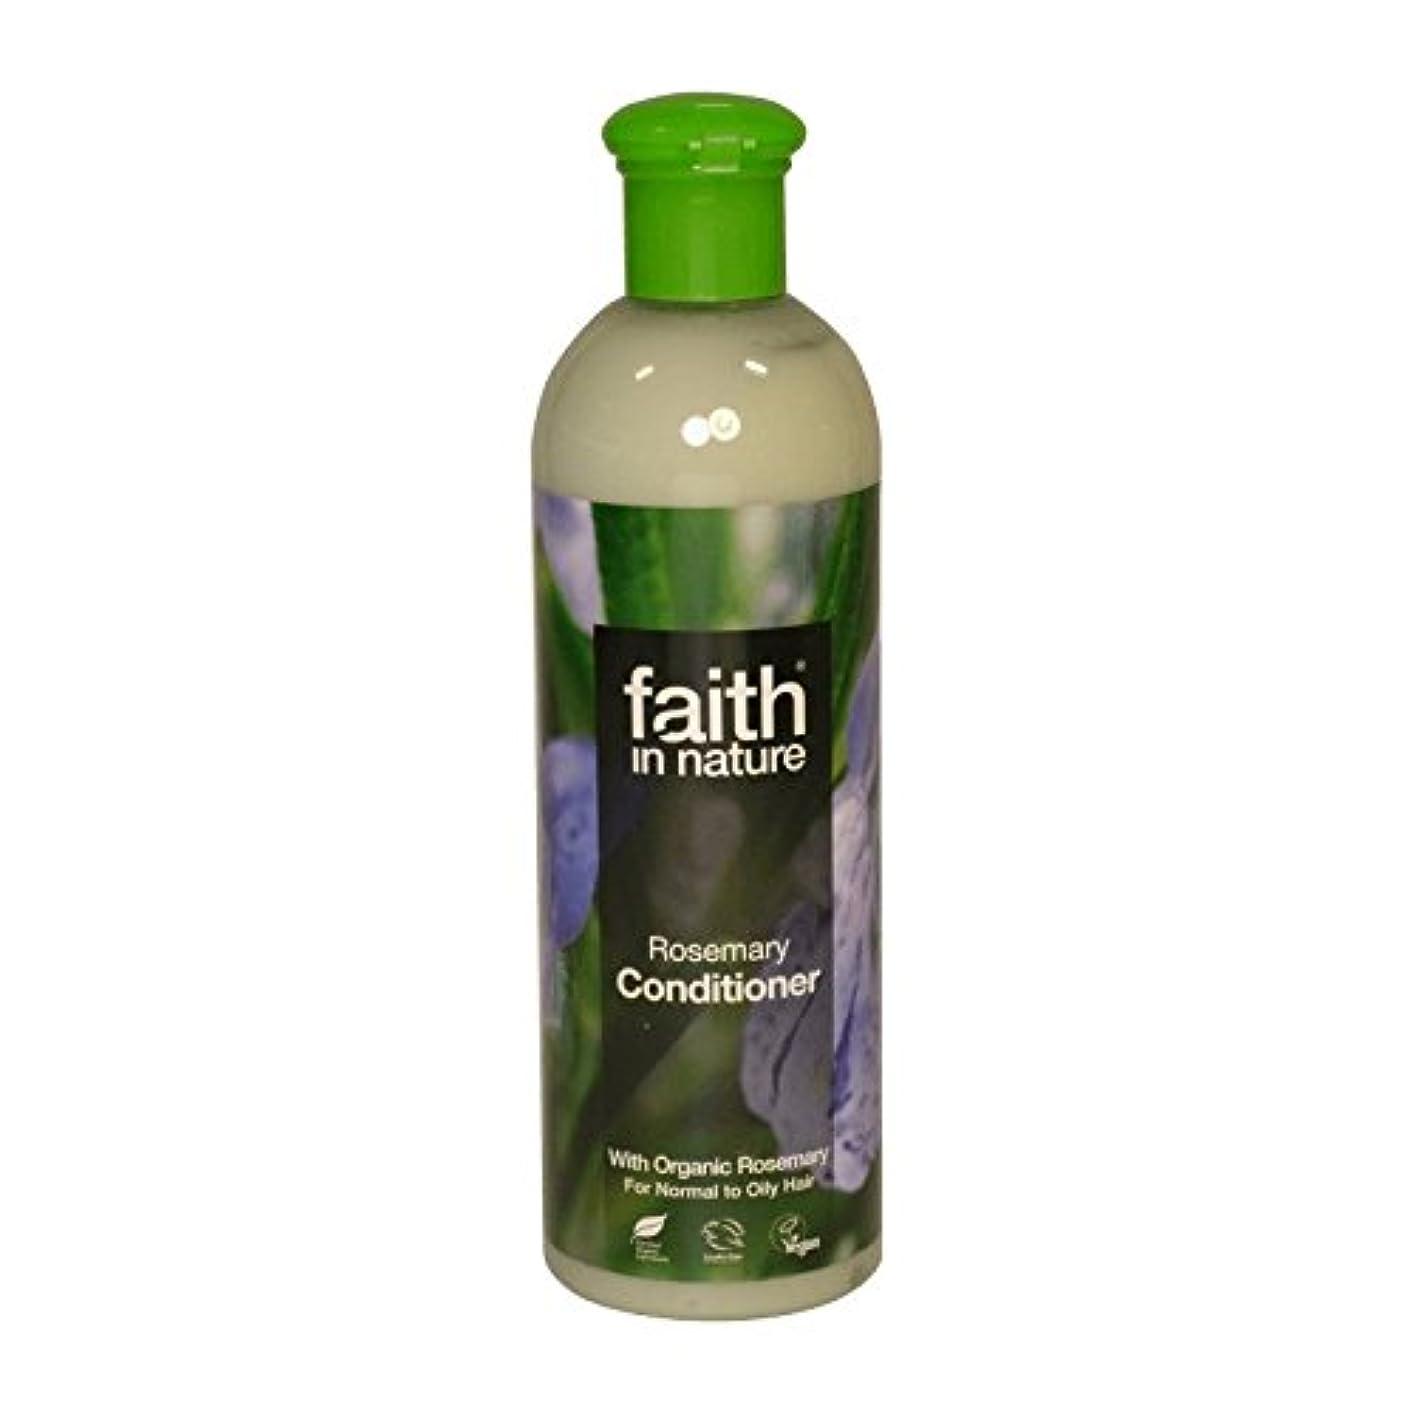 たっぷりまだ始まりFaith in Nature Rosemary Conditioner 400ml (Pack of 2) - 自然ローズマリーコンディショナー400ミリリットルの信仰 (x2) [並行輸入品]